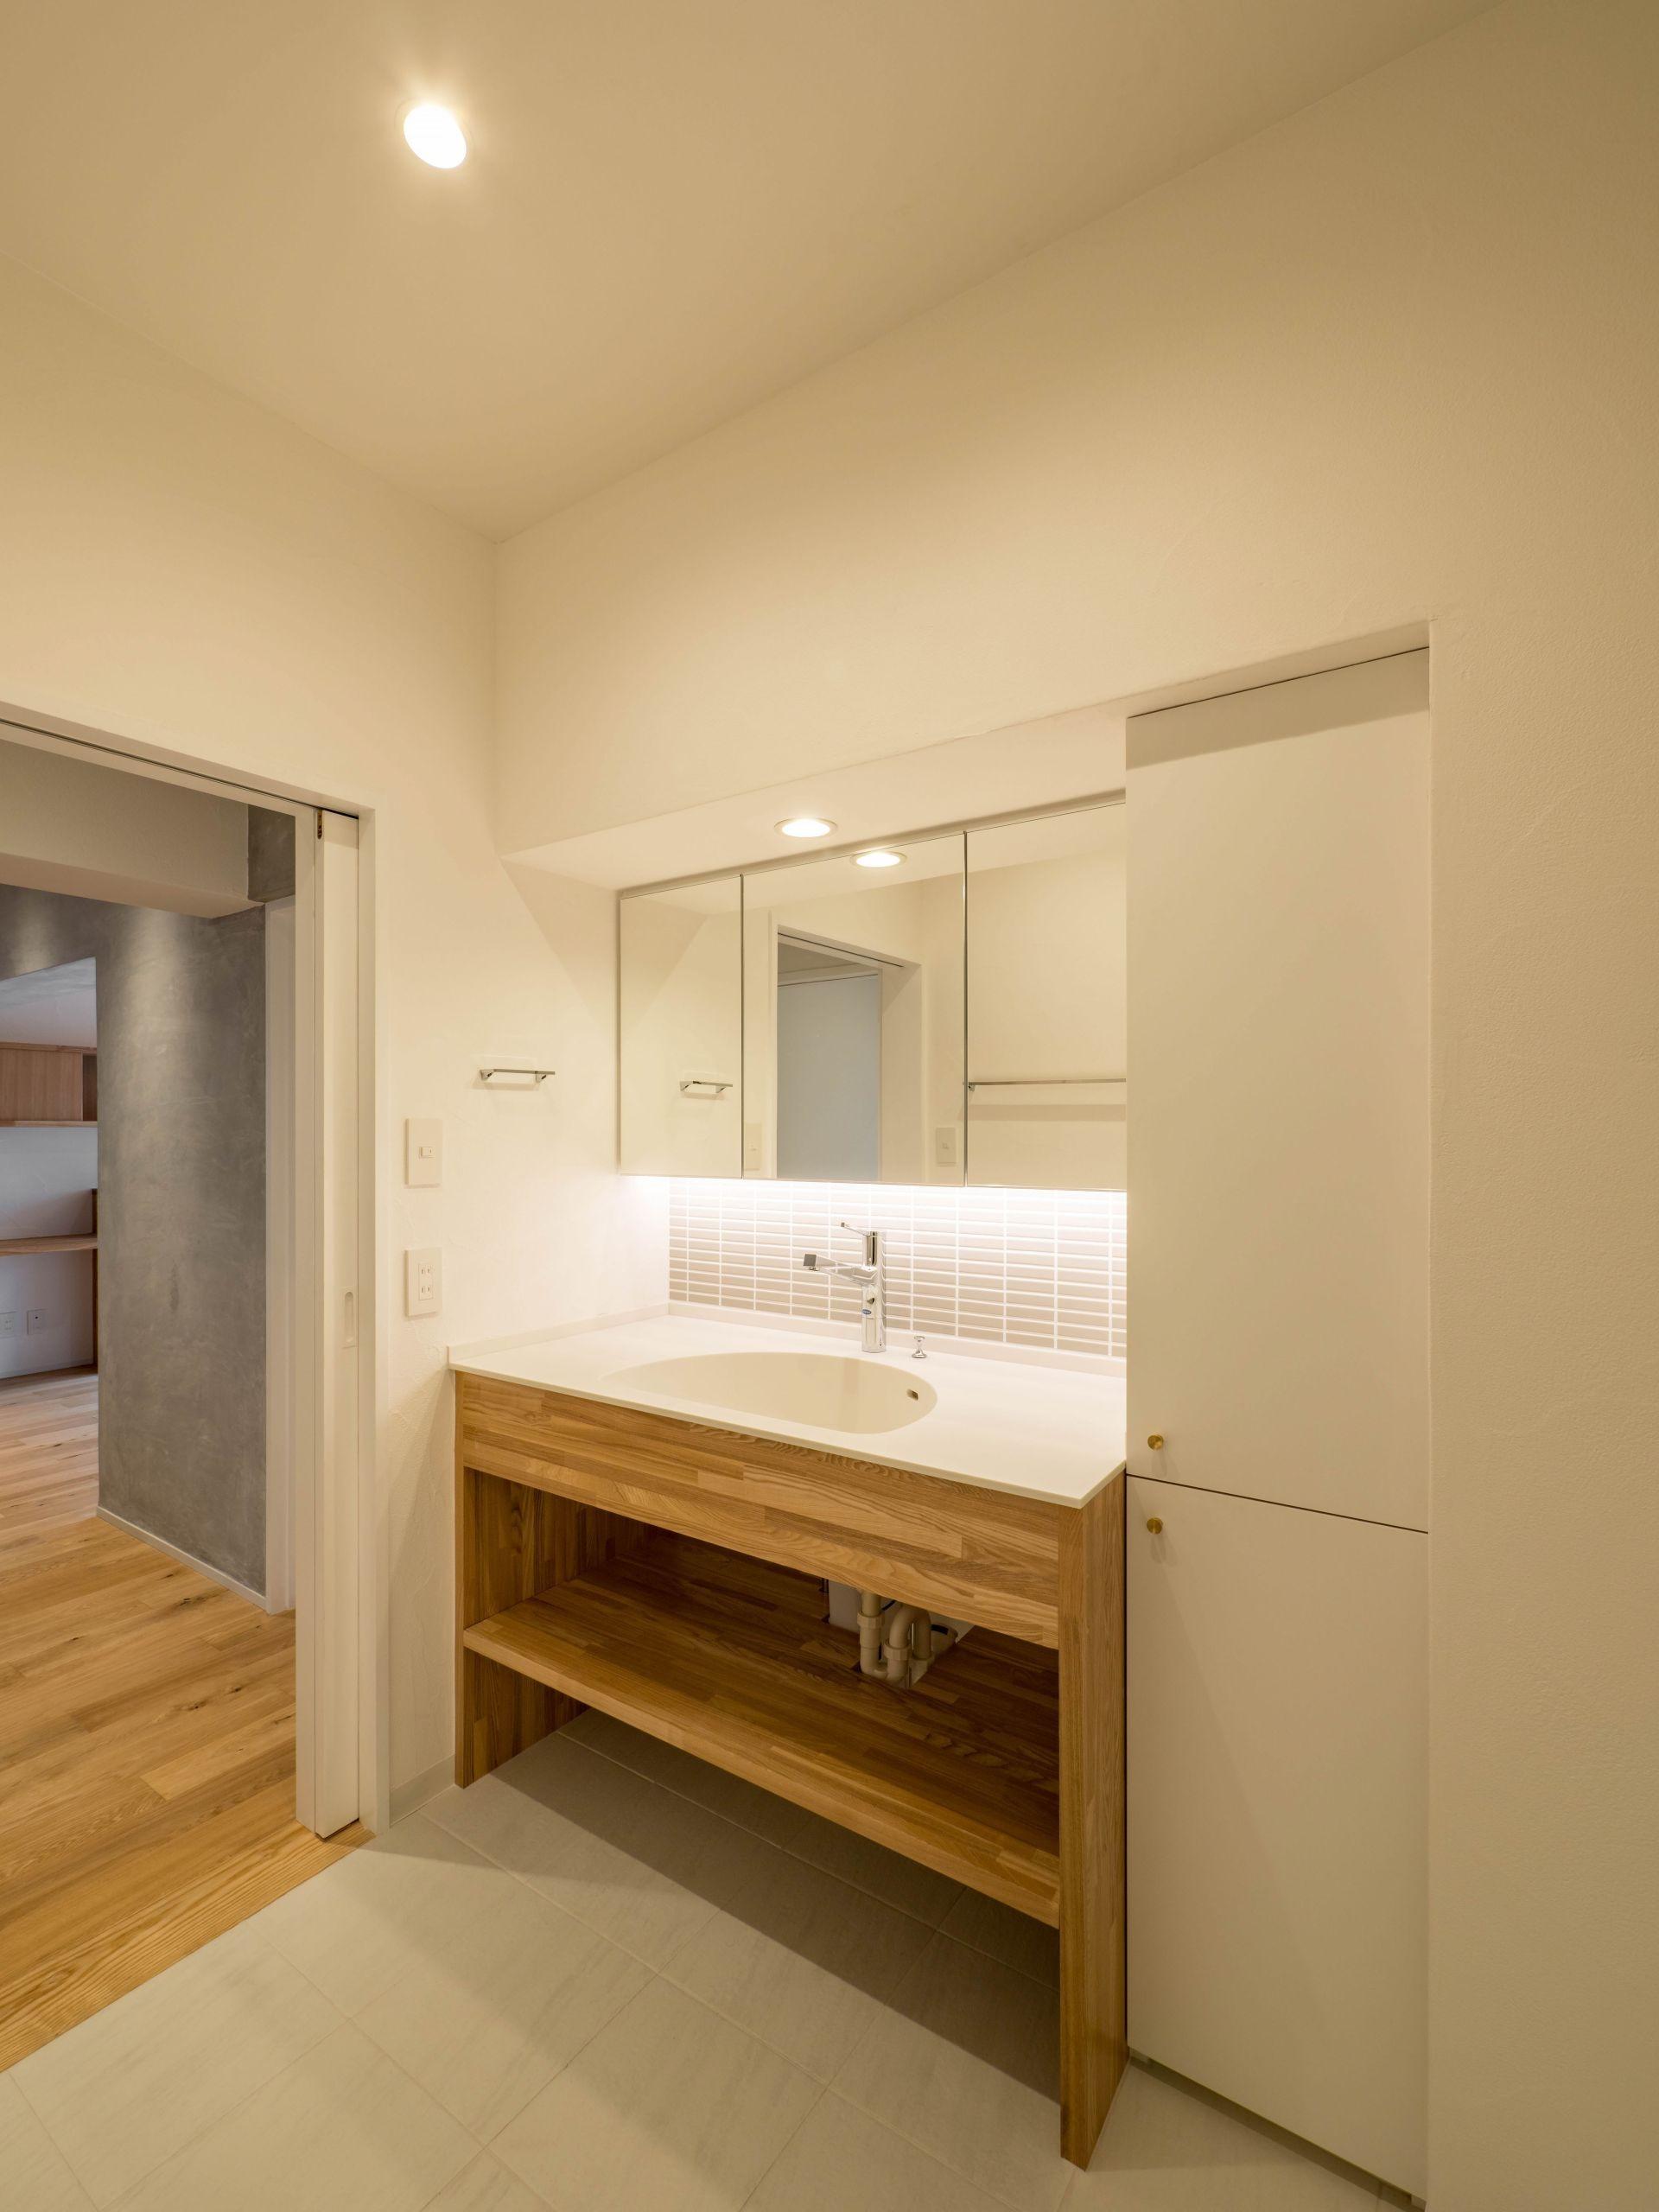 バス/トイレ事例:梁下ぴったりの洗面台(壁孔の家)